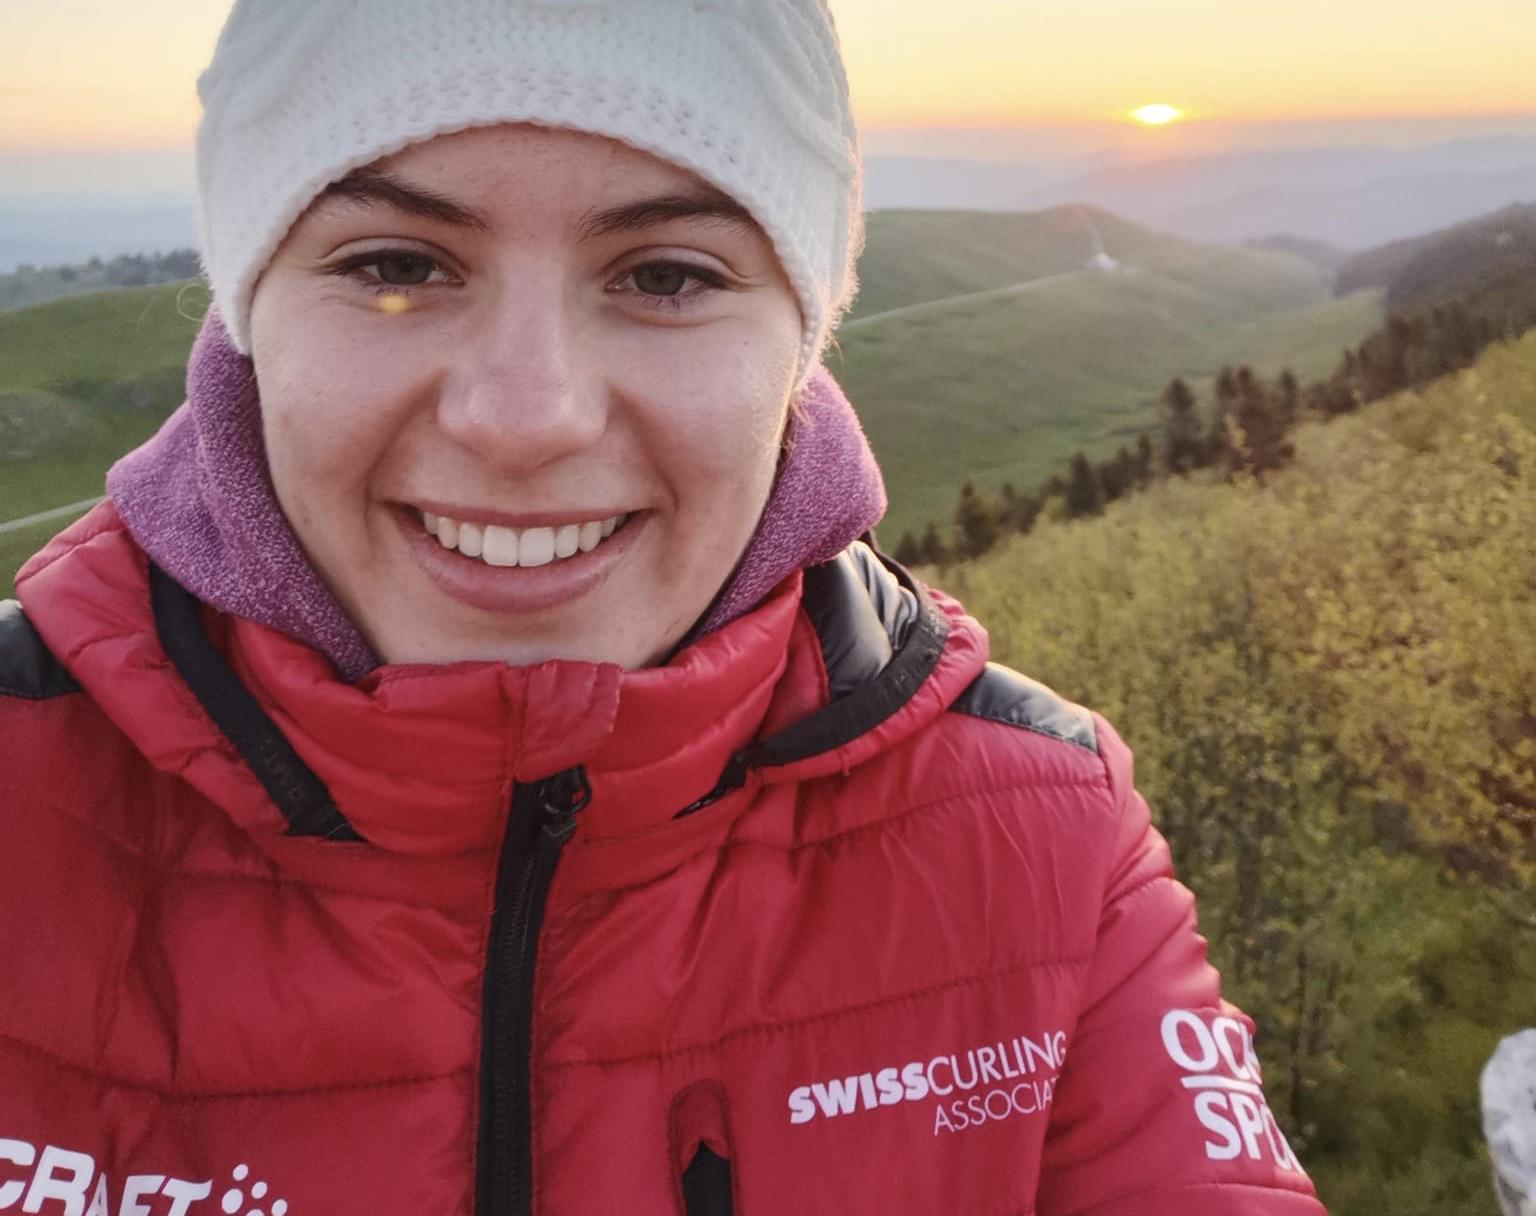 1'544 km für den Schweizer Sport - unsere Nachwuchskader waren fleissig.